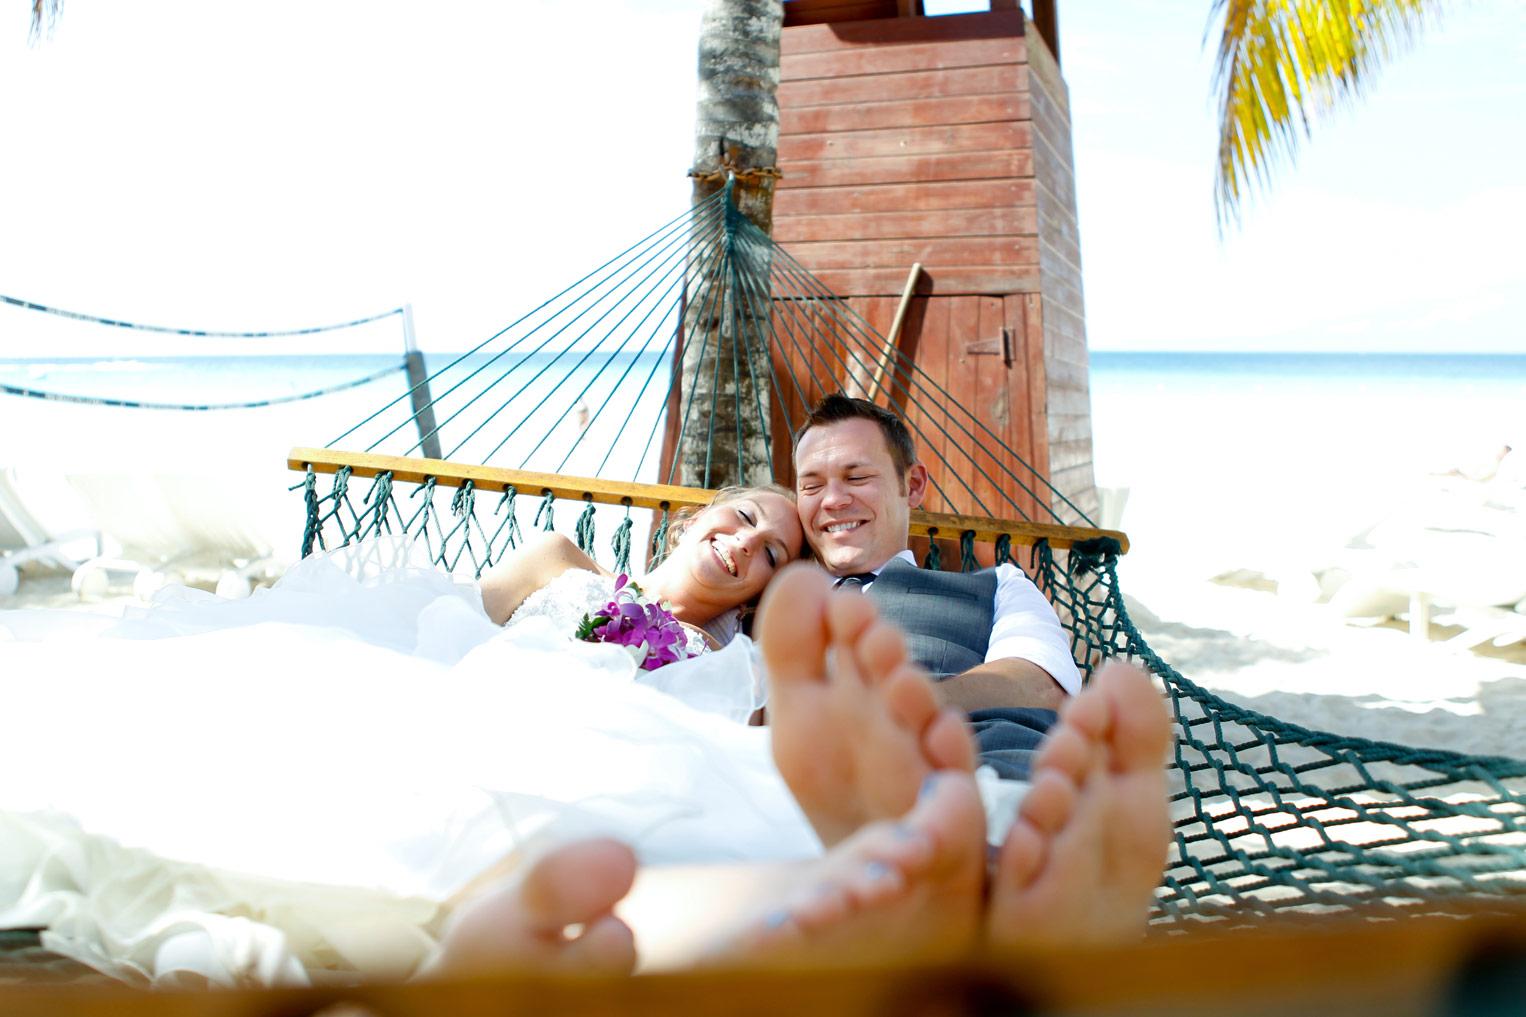 jamaica-milwaukee-destination-wedding-ruthie-hauge-photography-47.jpg